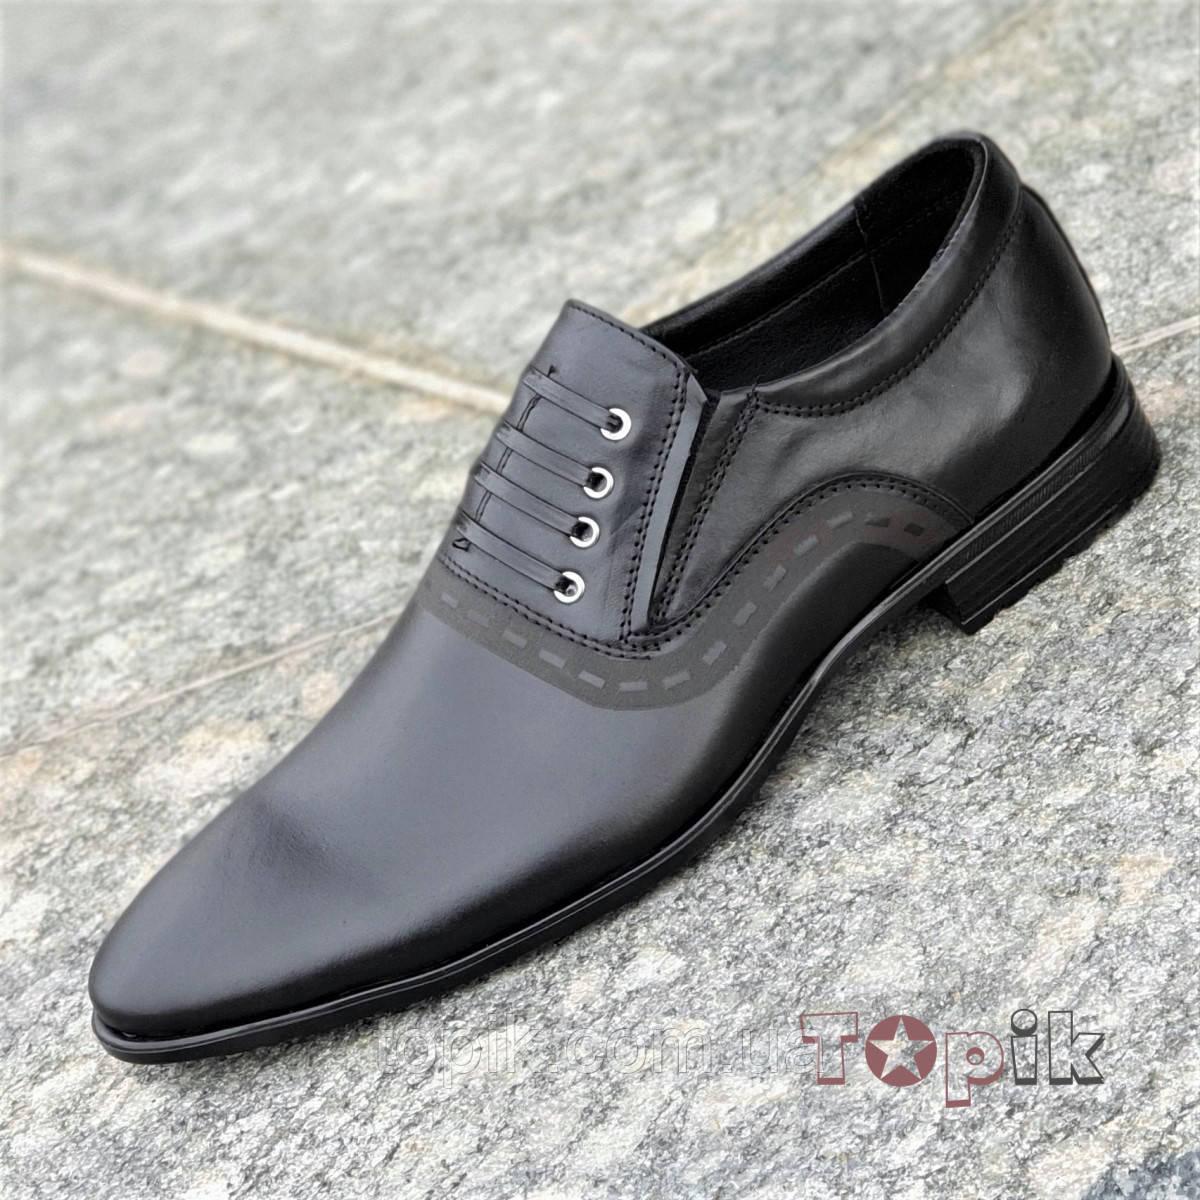 cd9c4f2576ec Мужские классические туфли, модельные без шнурков кожаные черные  повседневные ...